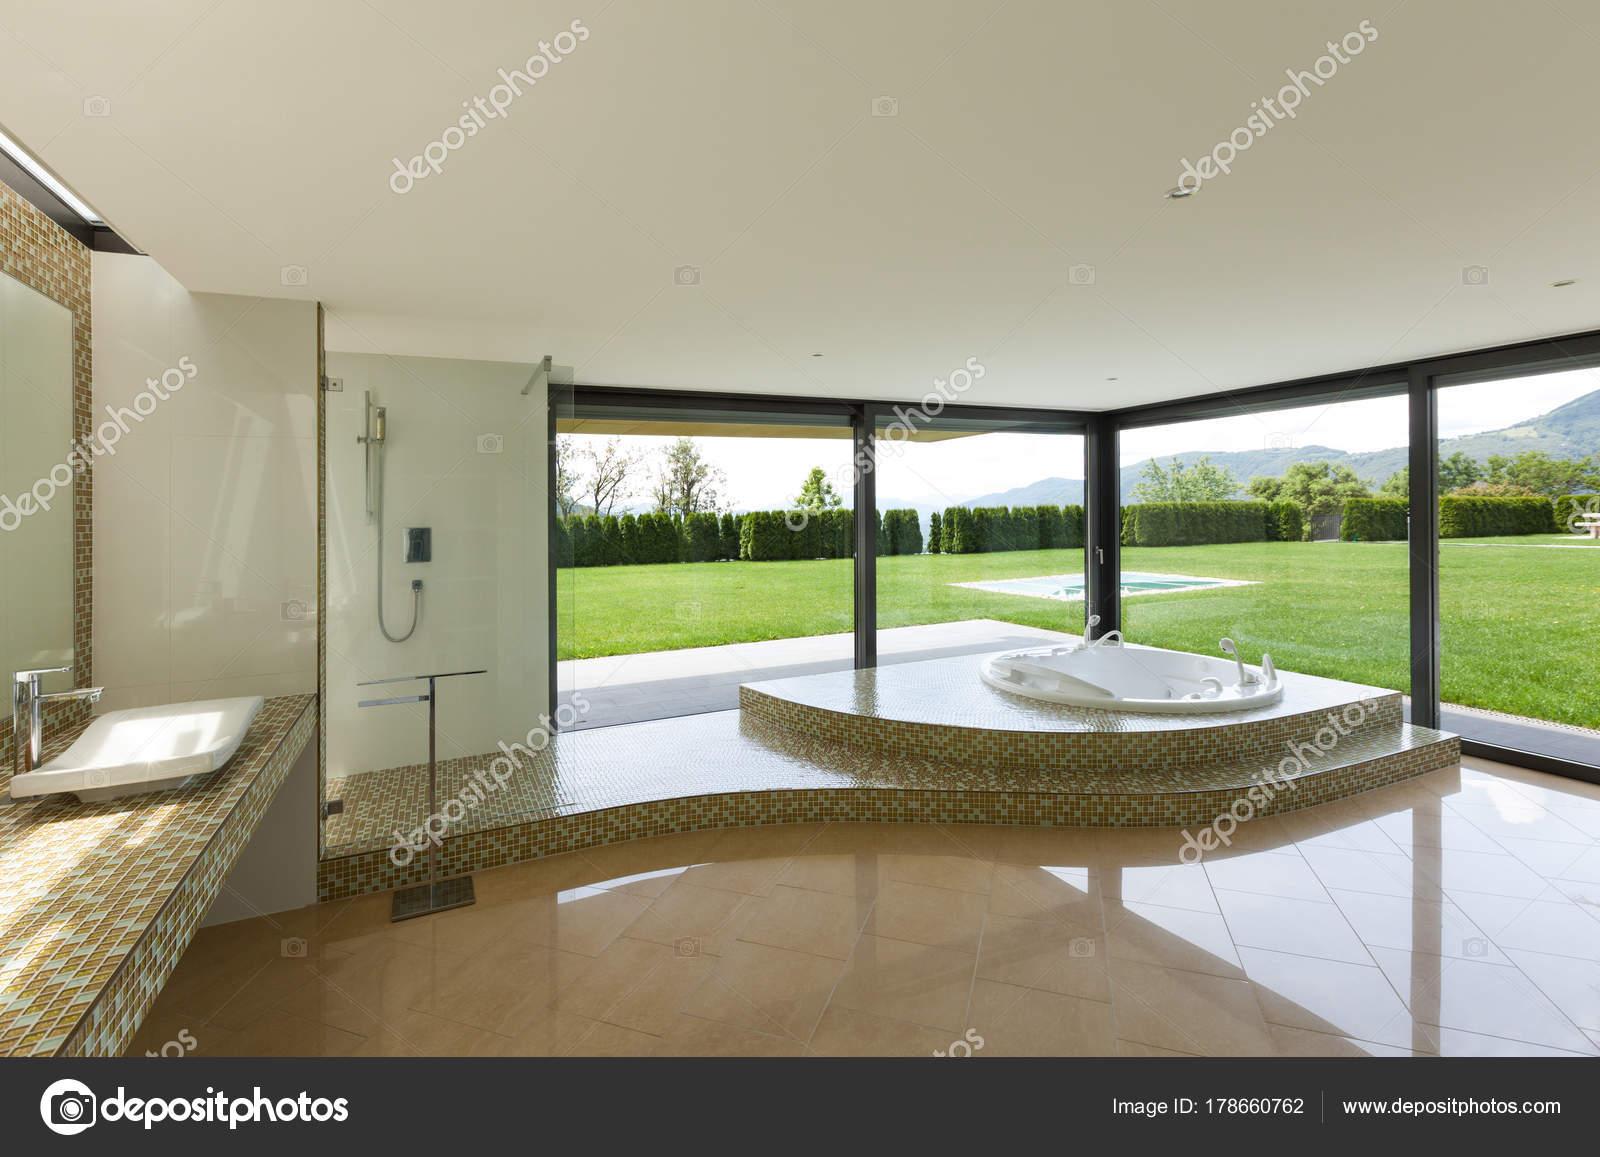 Schönes Badezimmer mit Jacuzzi — Stockfoto © Zveiger #178660762